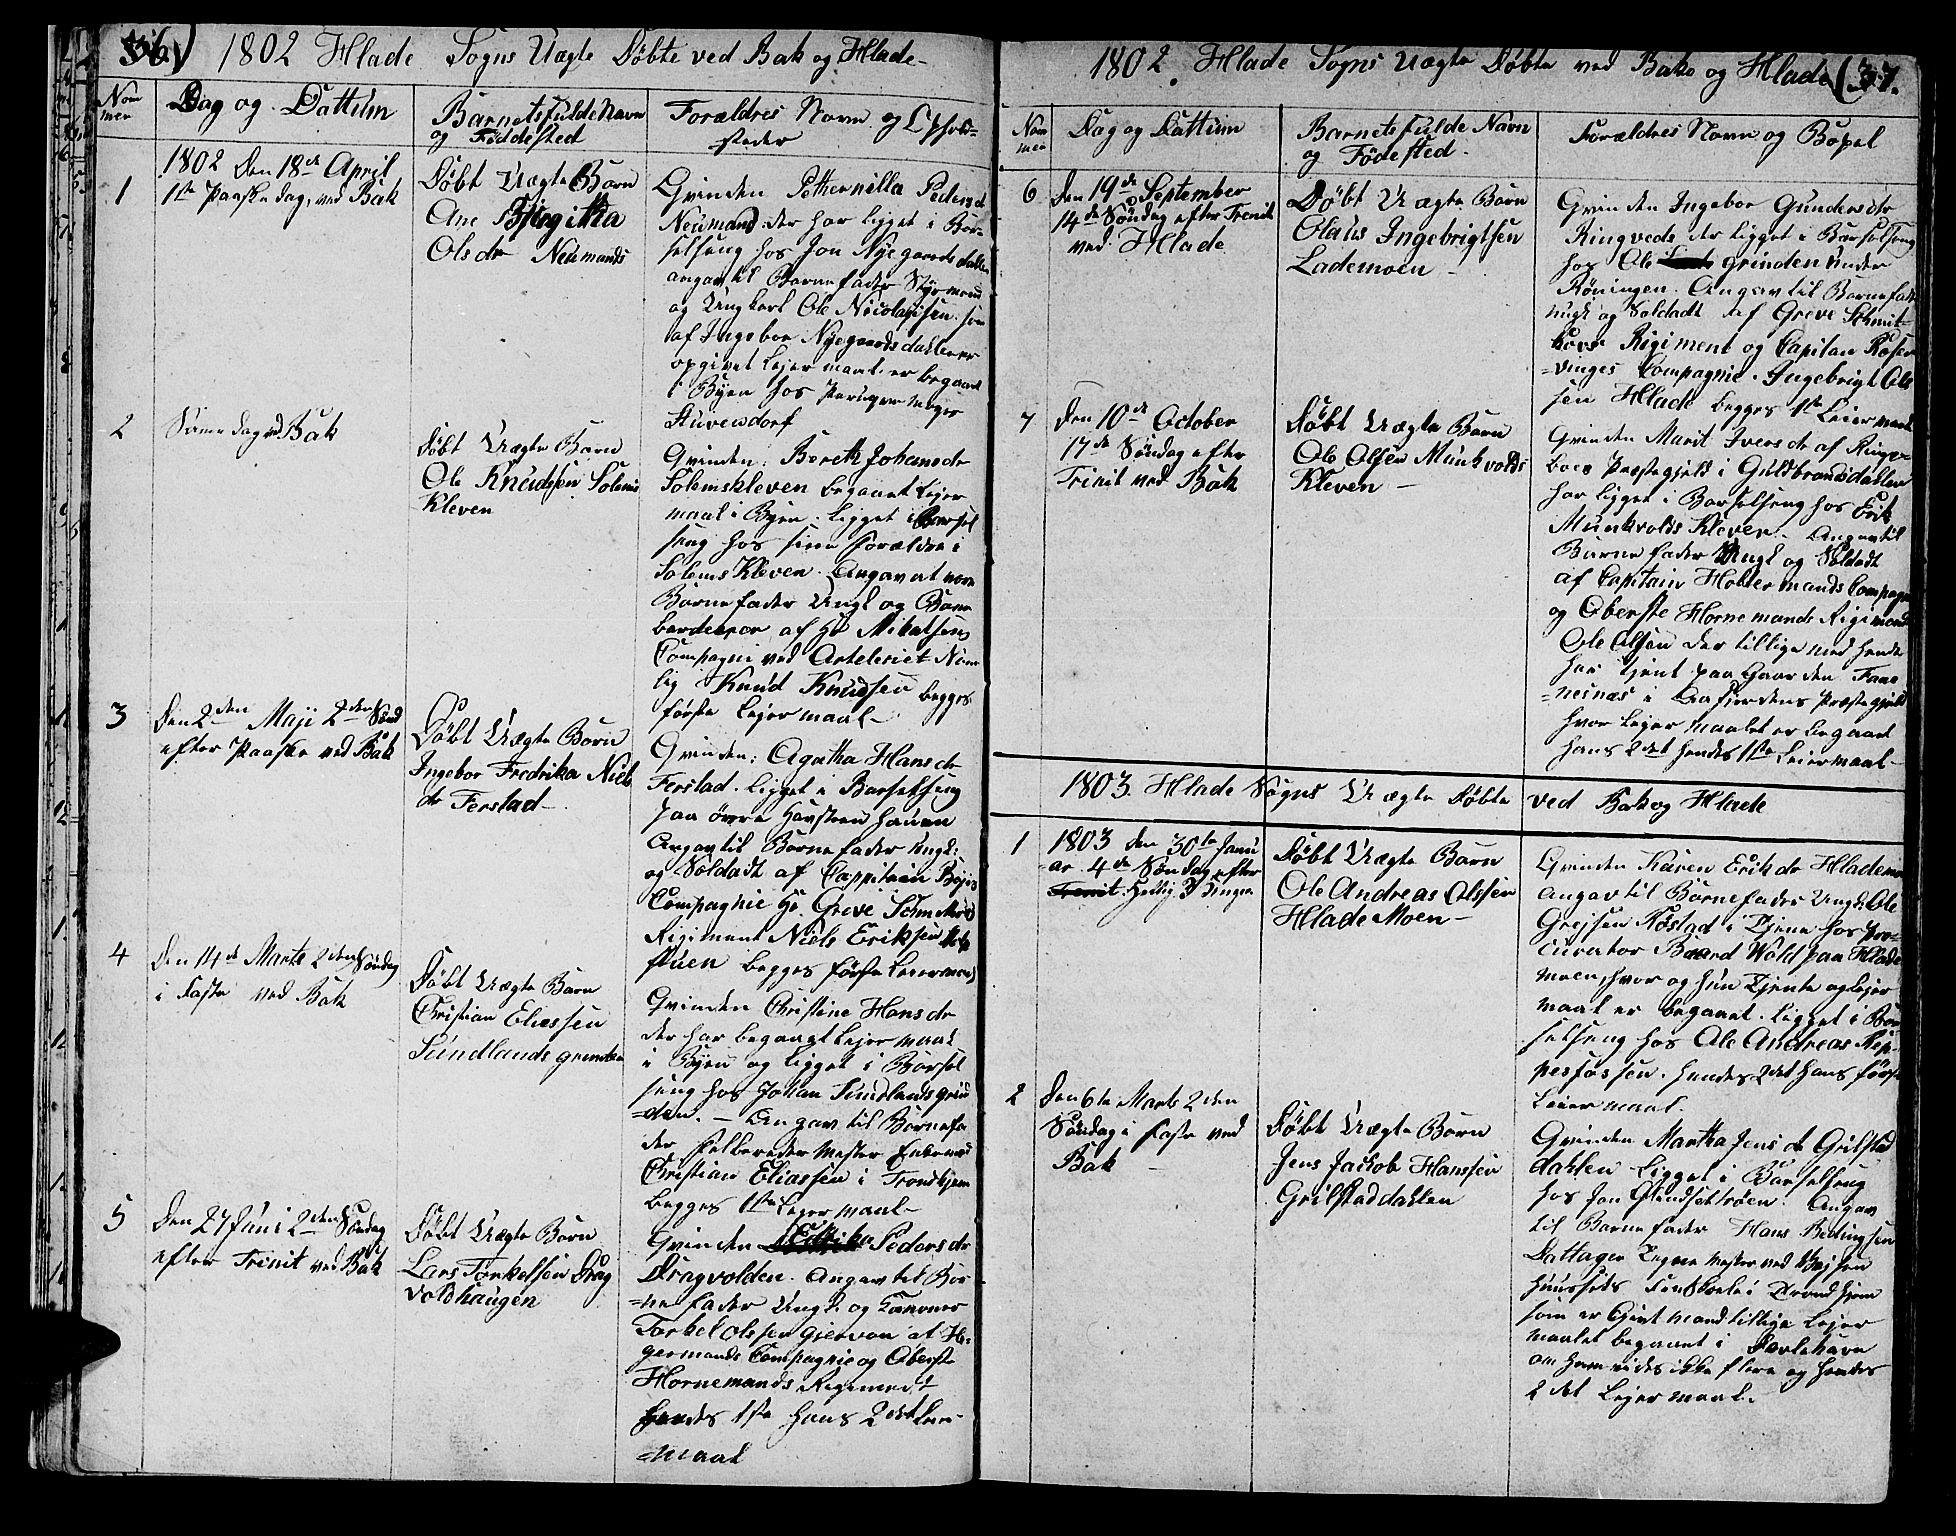 SAT, Ministerialprotokoller, klokkerbøker og fødselsregistre - Sør-Trøndelag, 606/L0306: Klokkerbok nr. 606C02, 1797-1829, s. 36-37